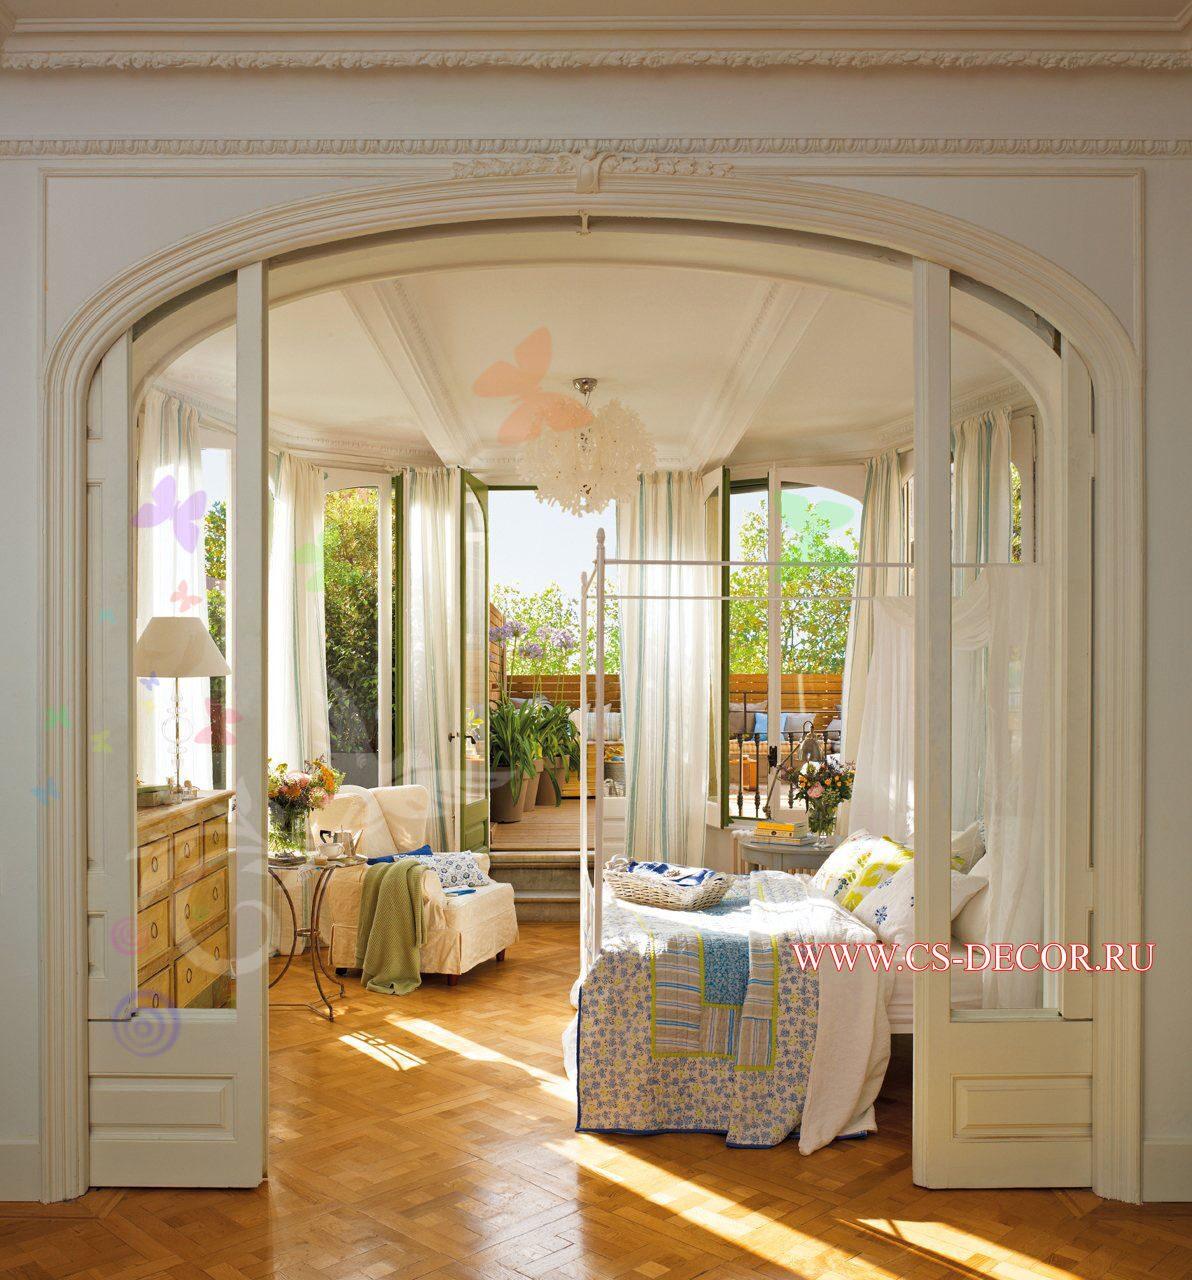 Романтическая спальня с полукруглыми окнами интерьерные штуч.